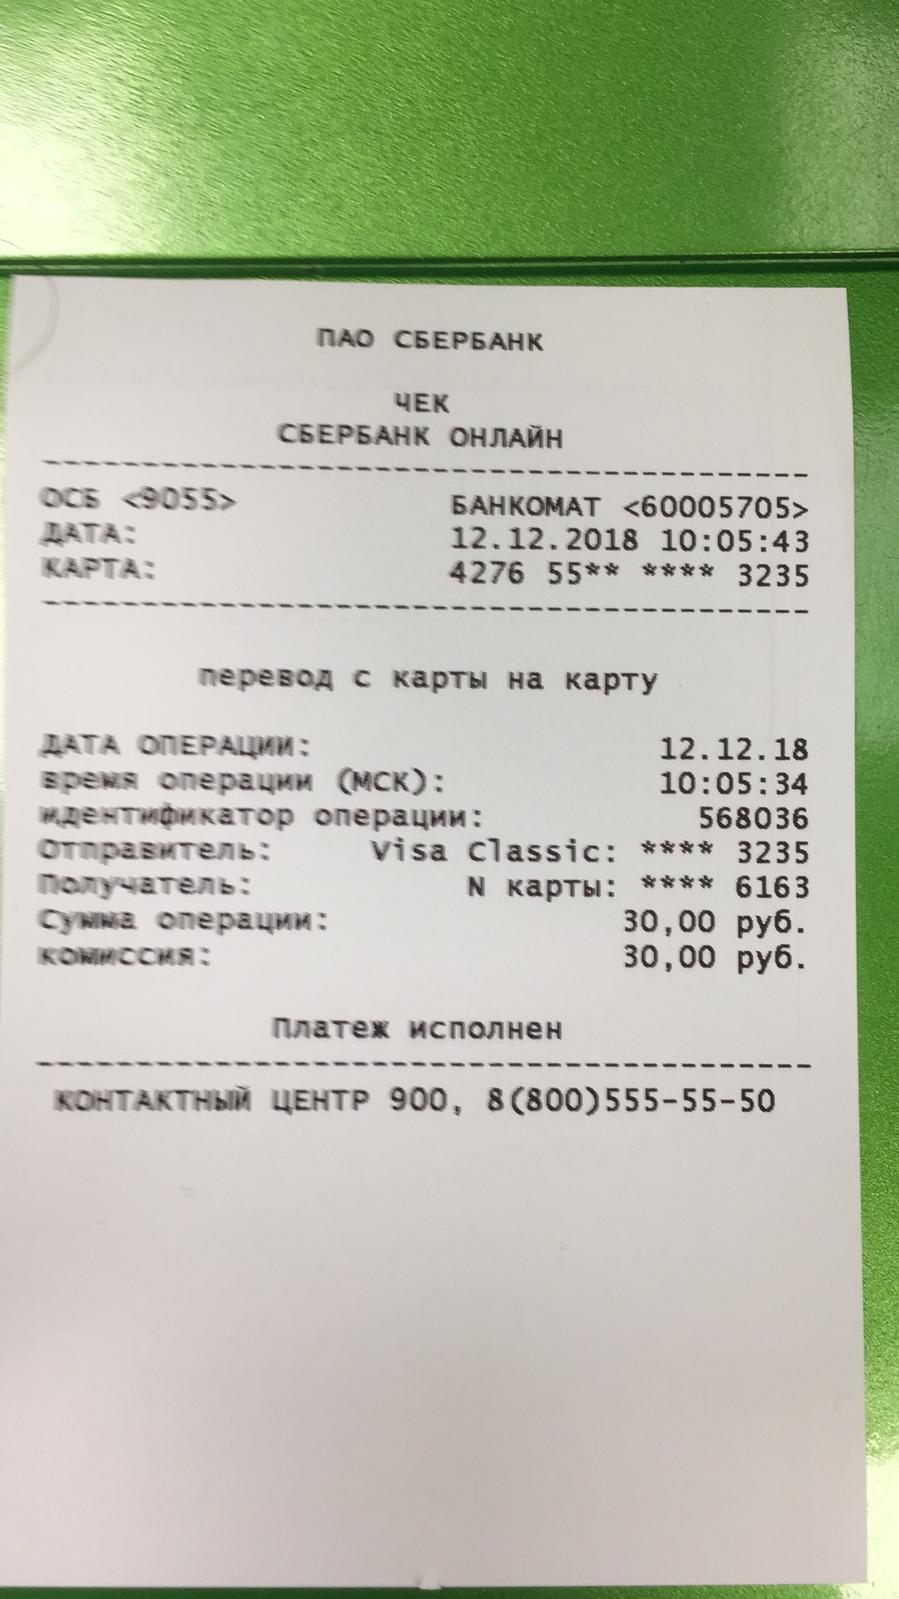 kak-raspechatat-chek-v-sberbank-onlajn-cherez-bankomat4.jpg